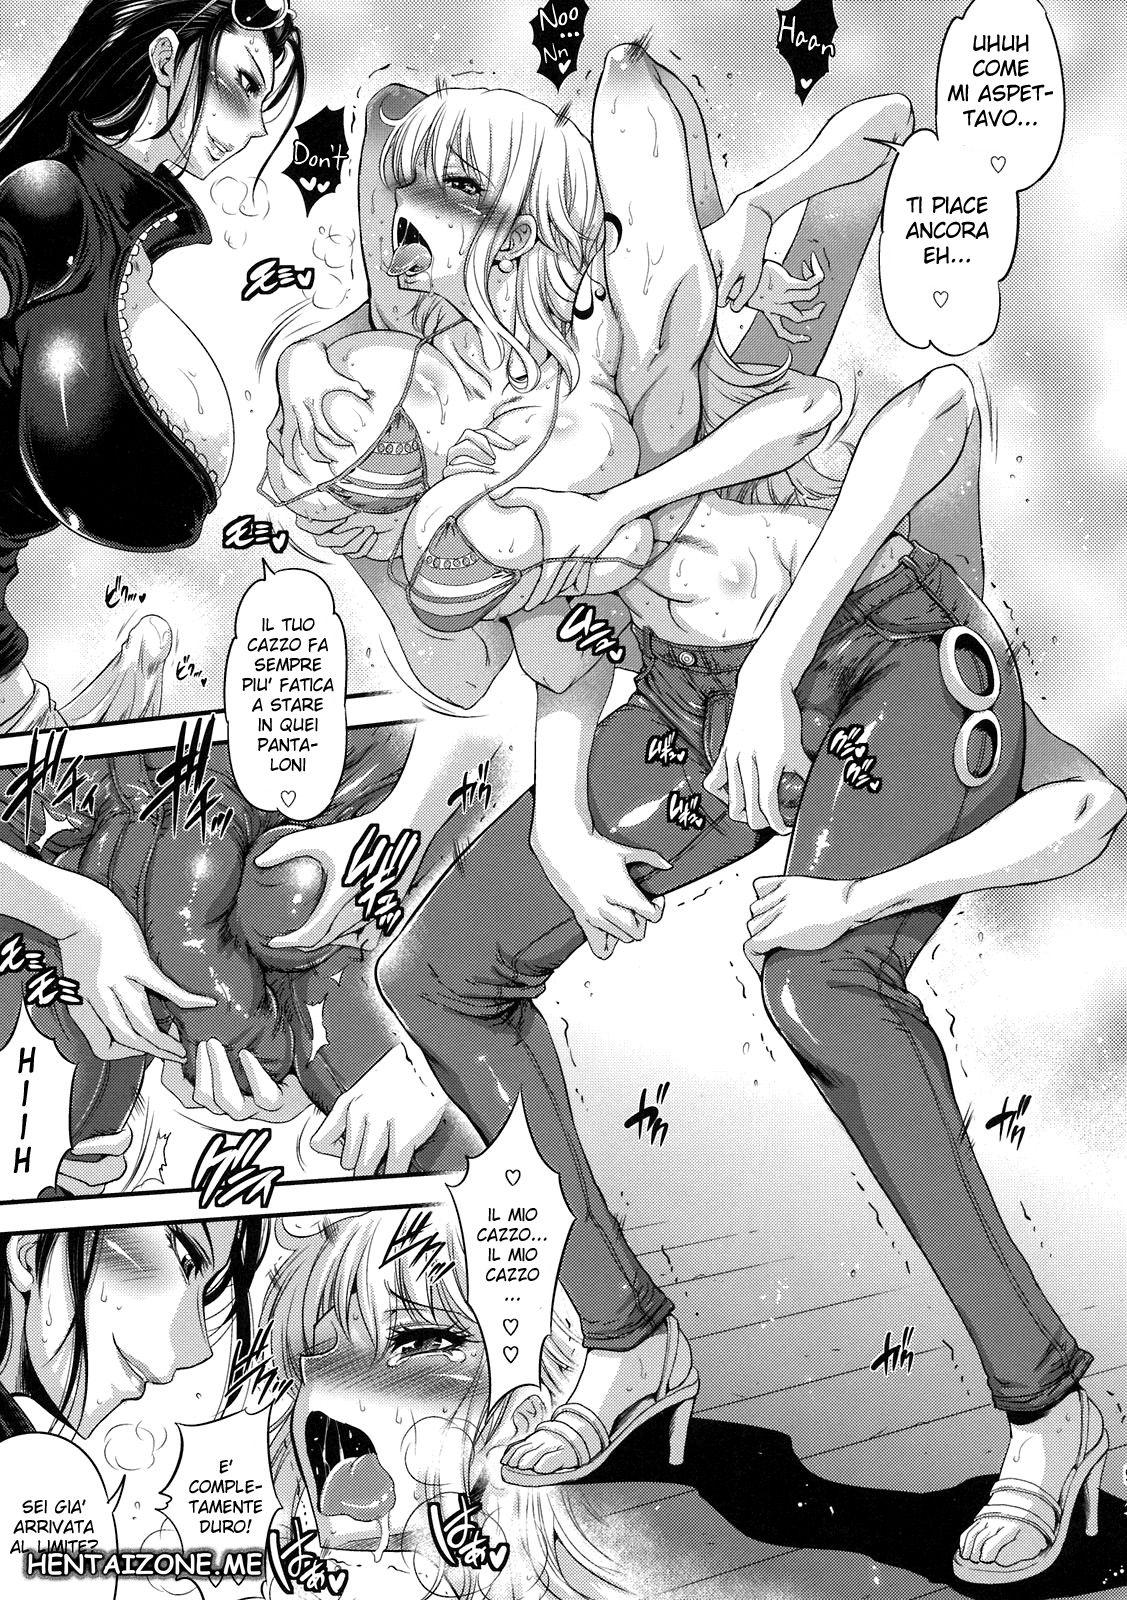 hentai nico robin e nami fanno sesso ita completo